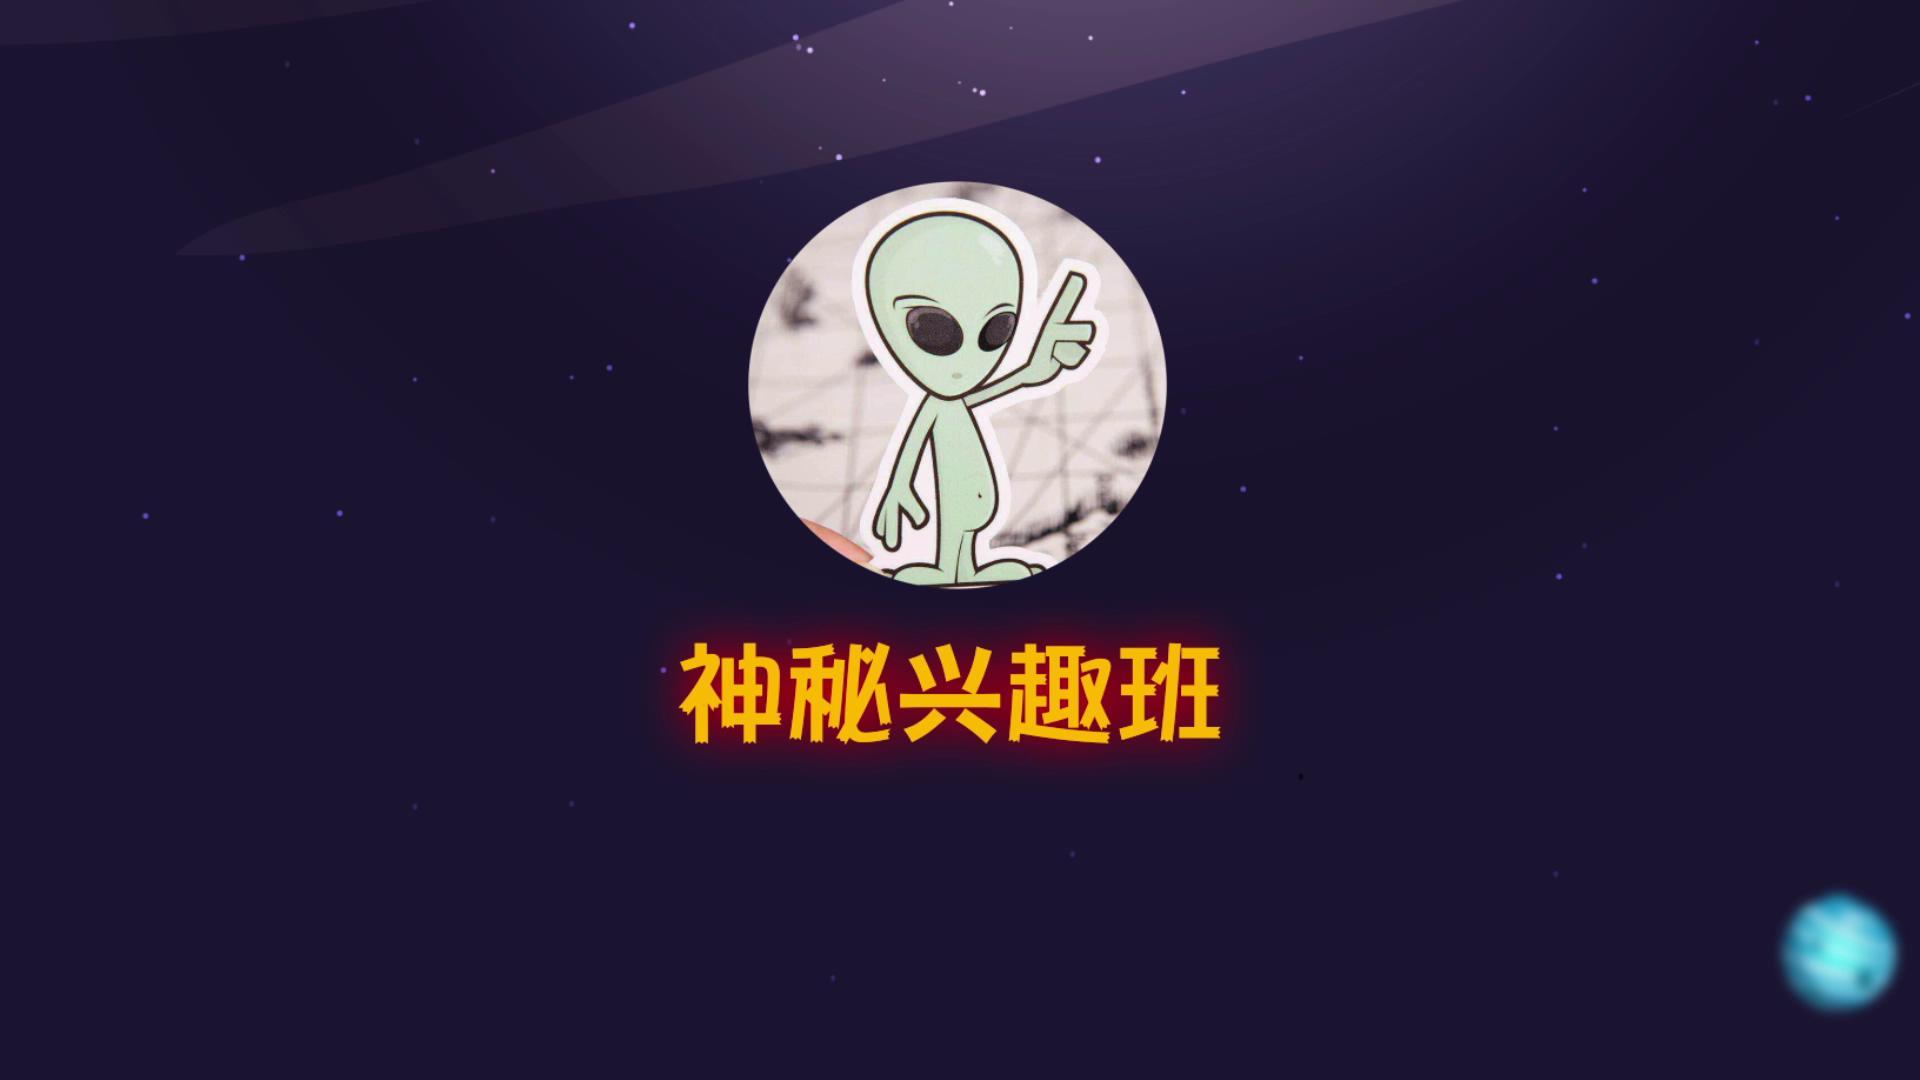 外星人卡通模板